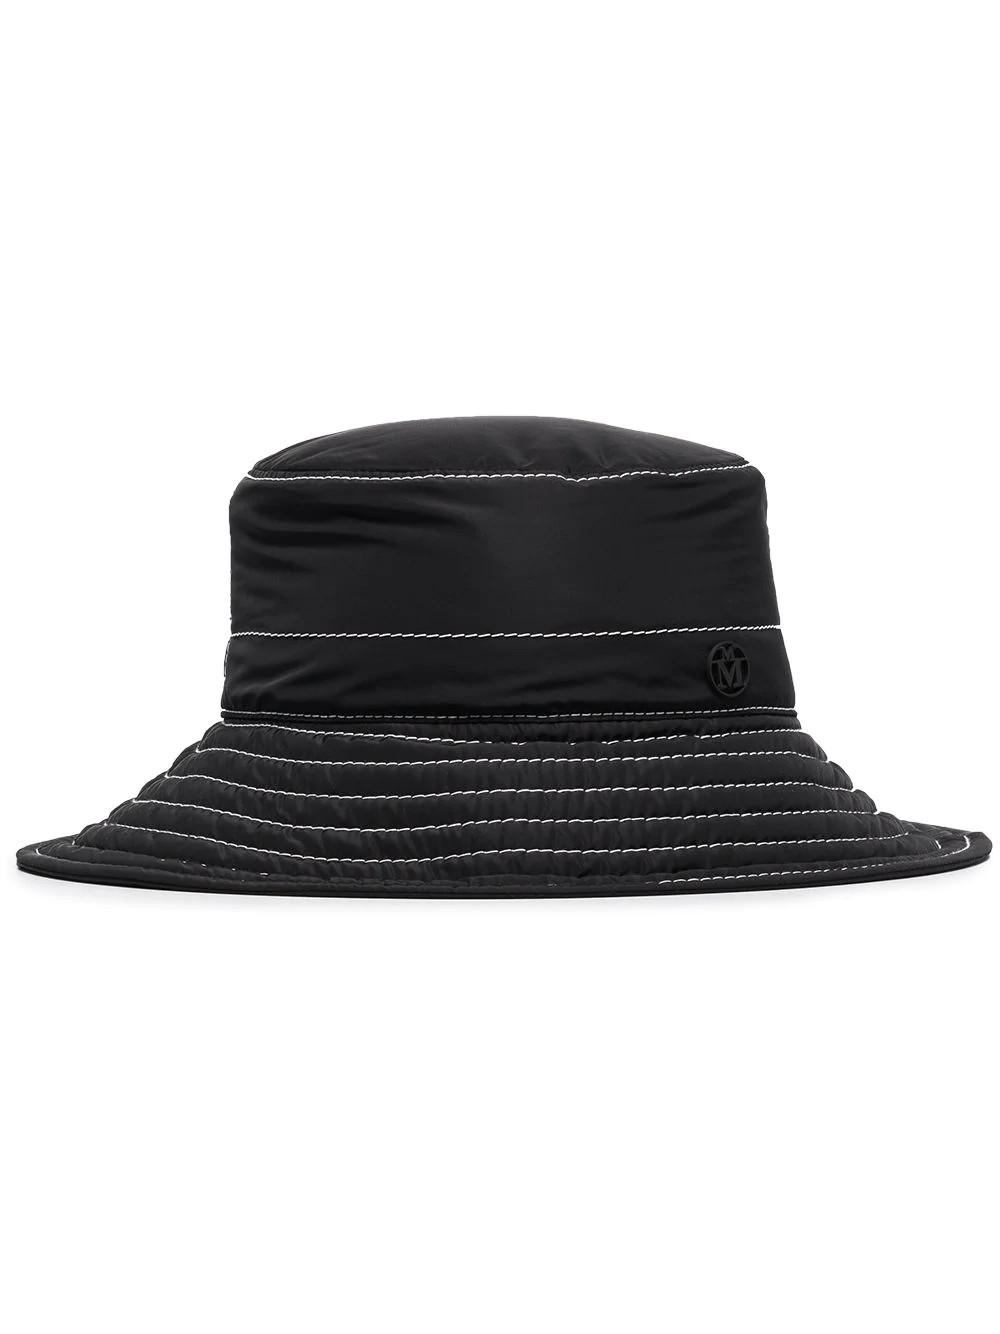 CHARLOTTE HAT 2 20PF TOPSTITCHED NYLON